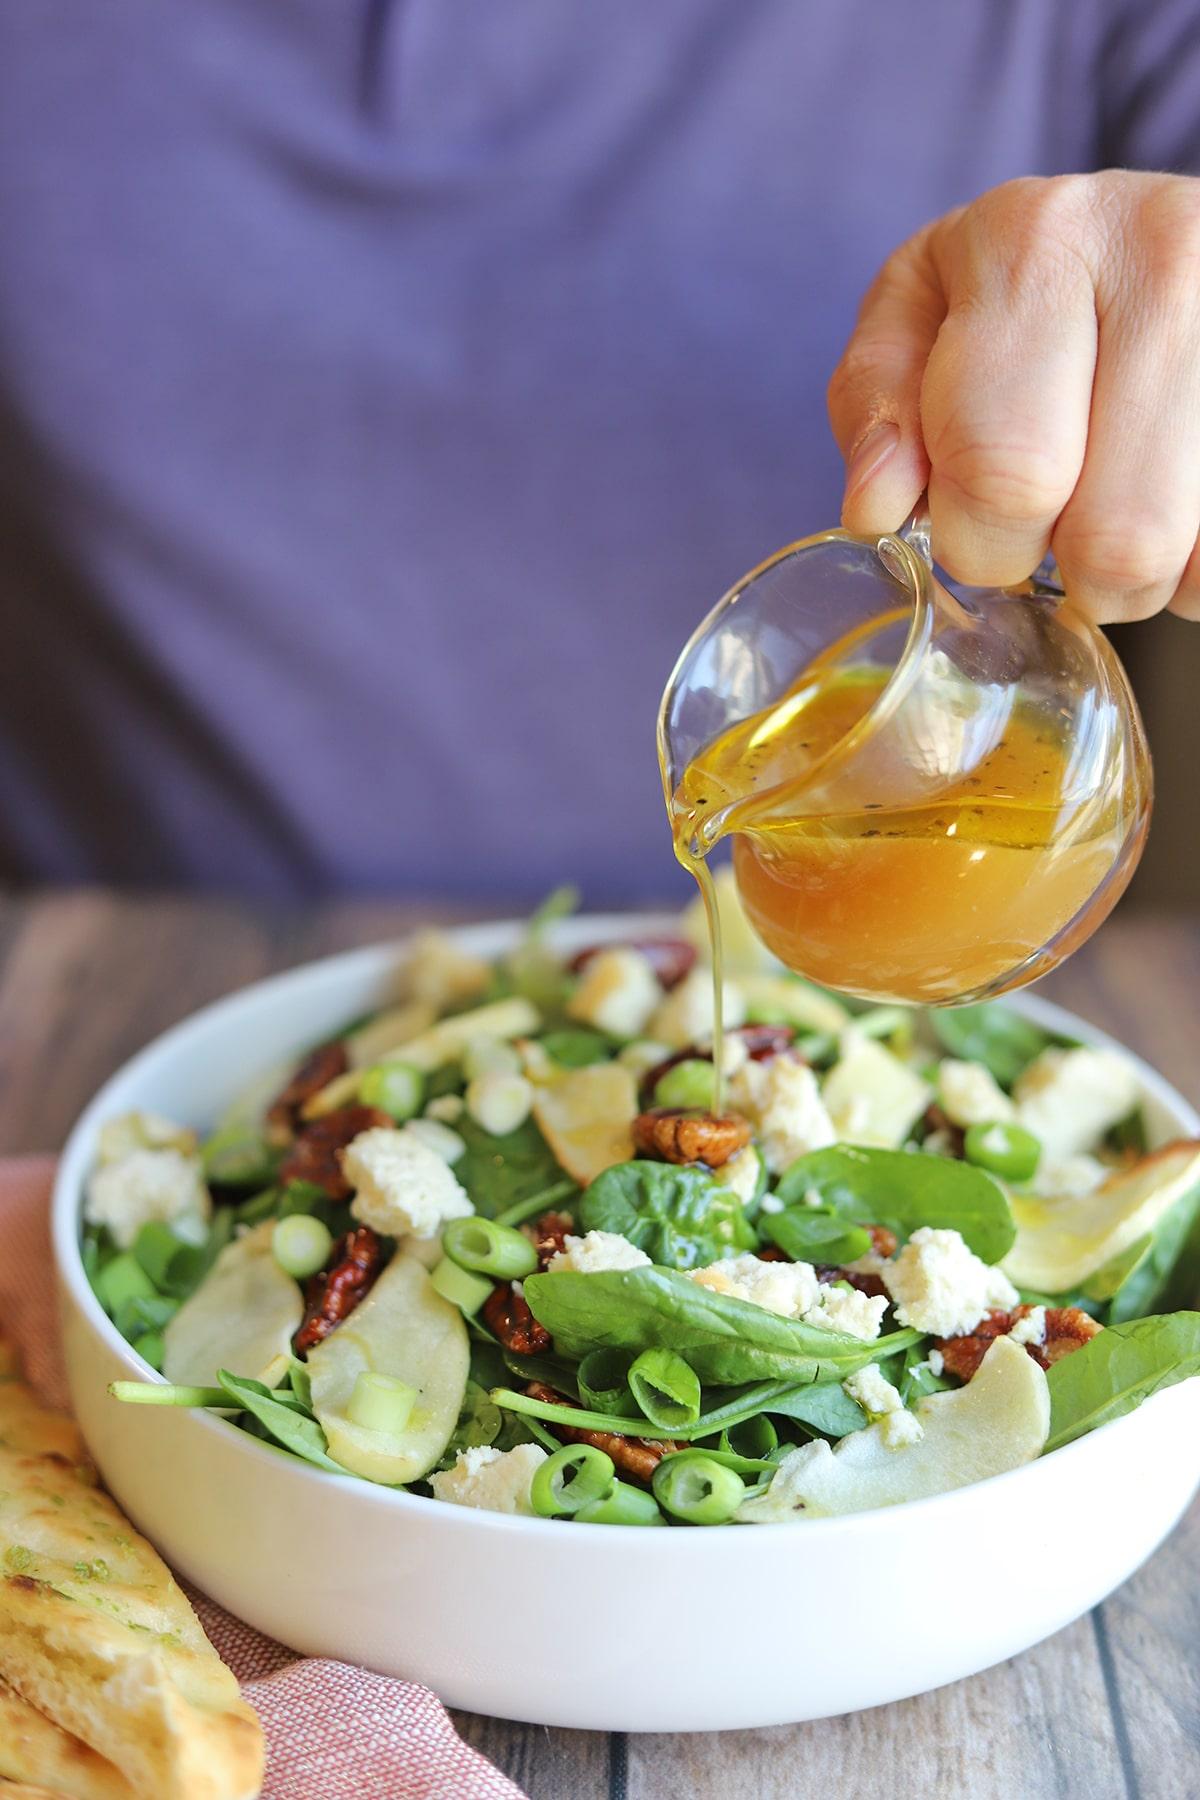 Apple cider vinaigrette being poured onto salad.